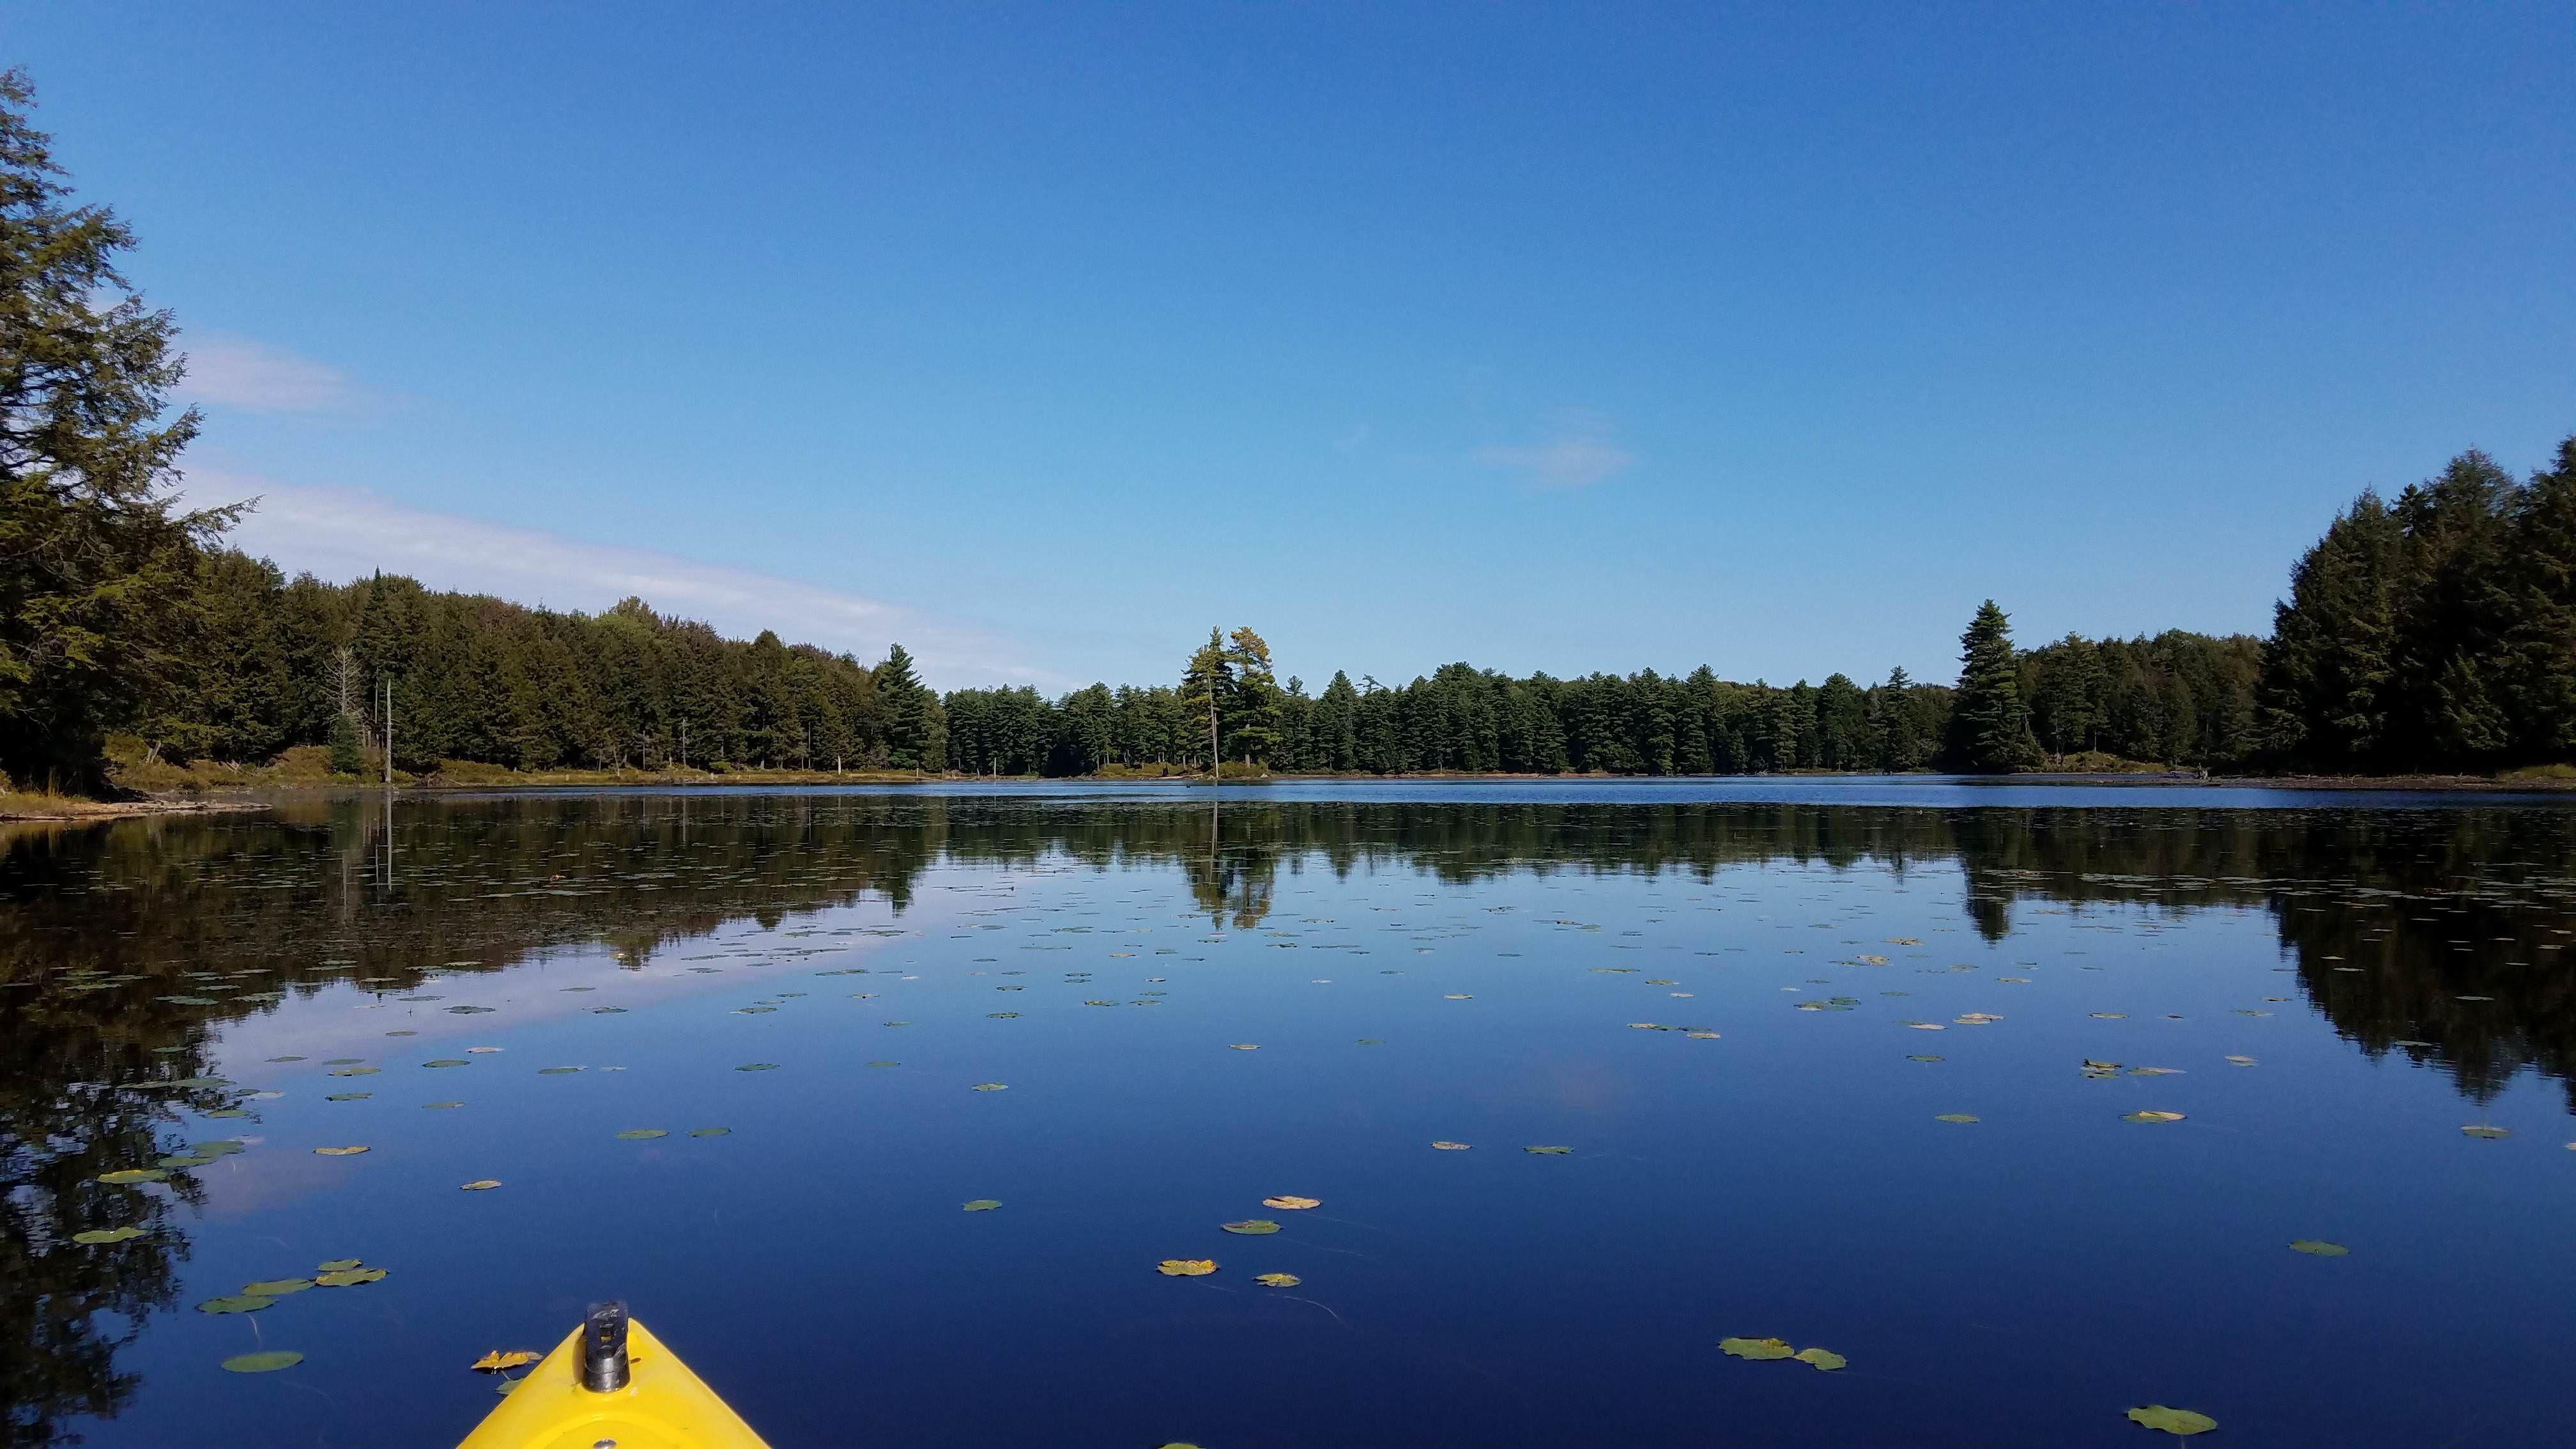 Pin by CHARMAINE on kayaking near me   Kayaking near me ...